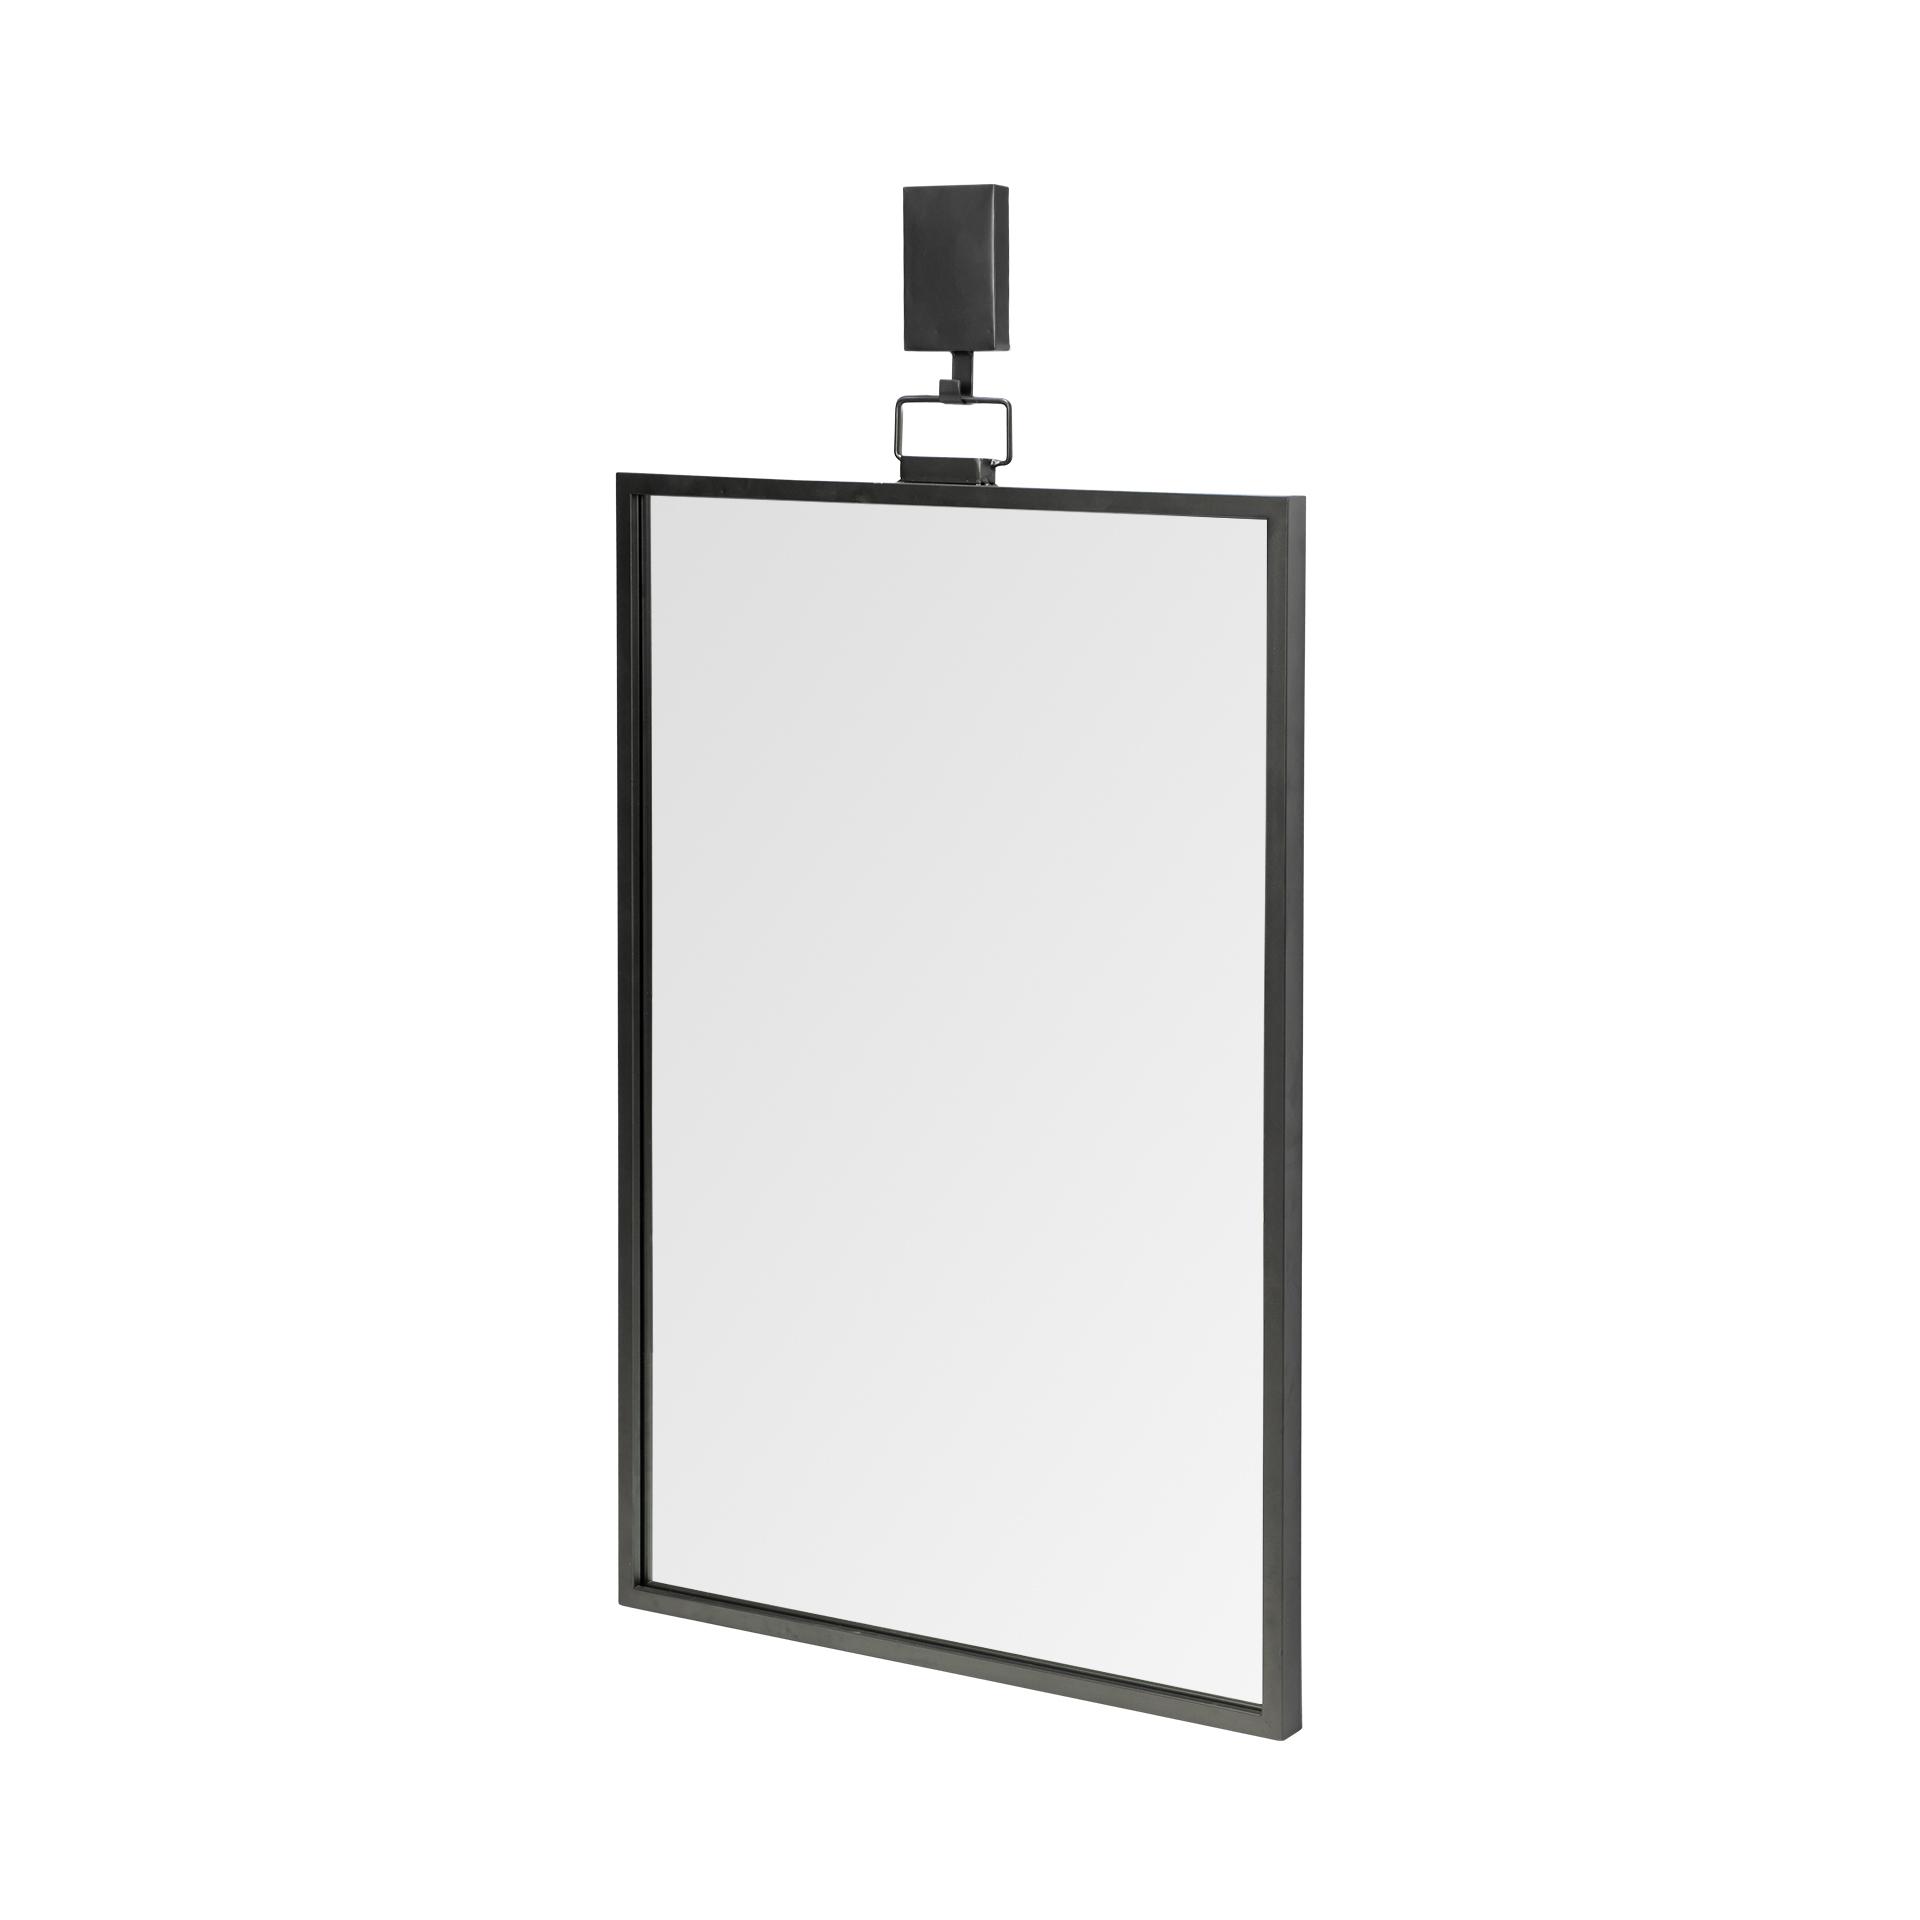 Rectangular Black Metal Frame Wall Mirror